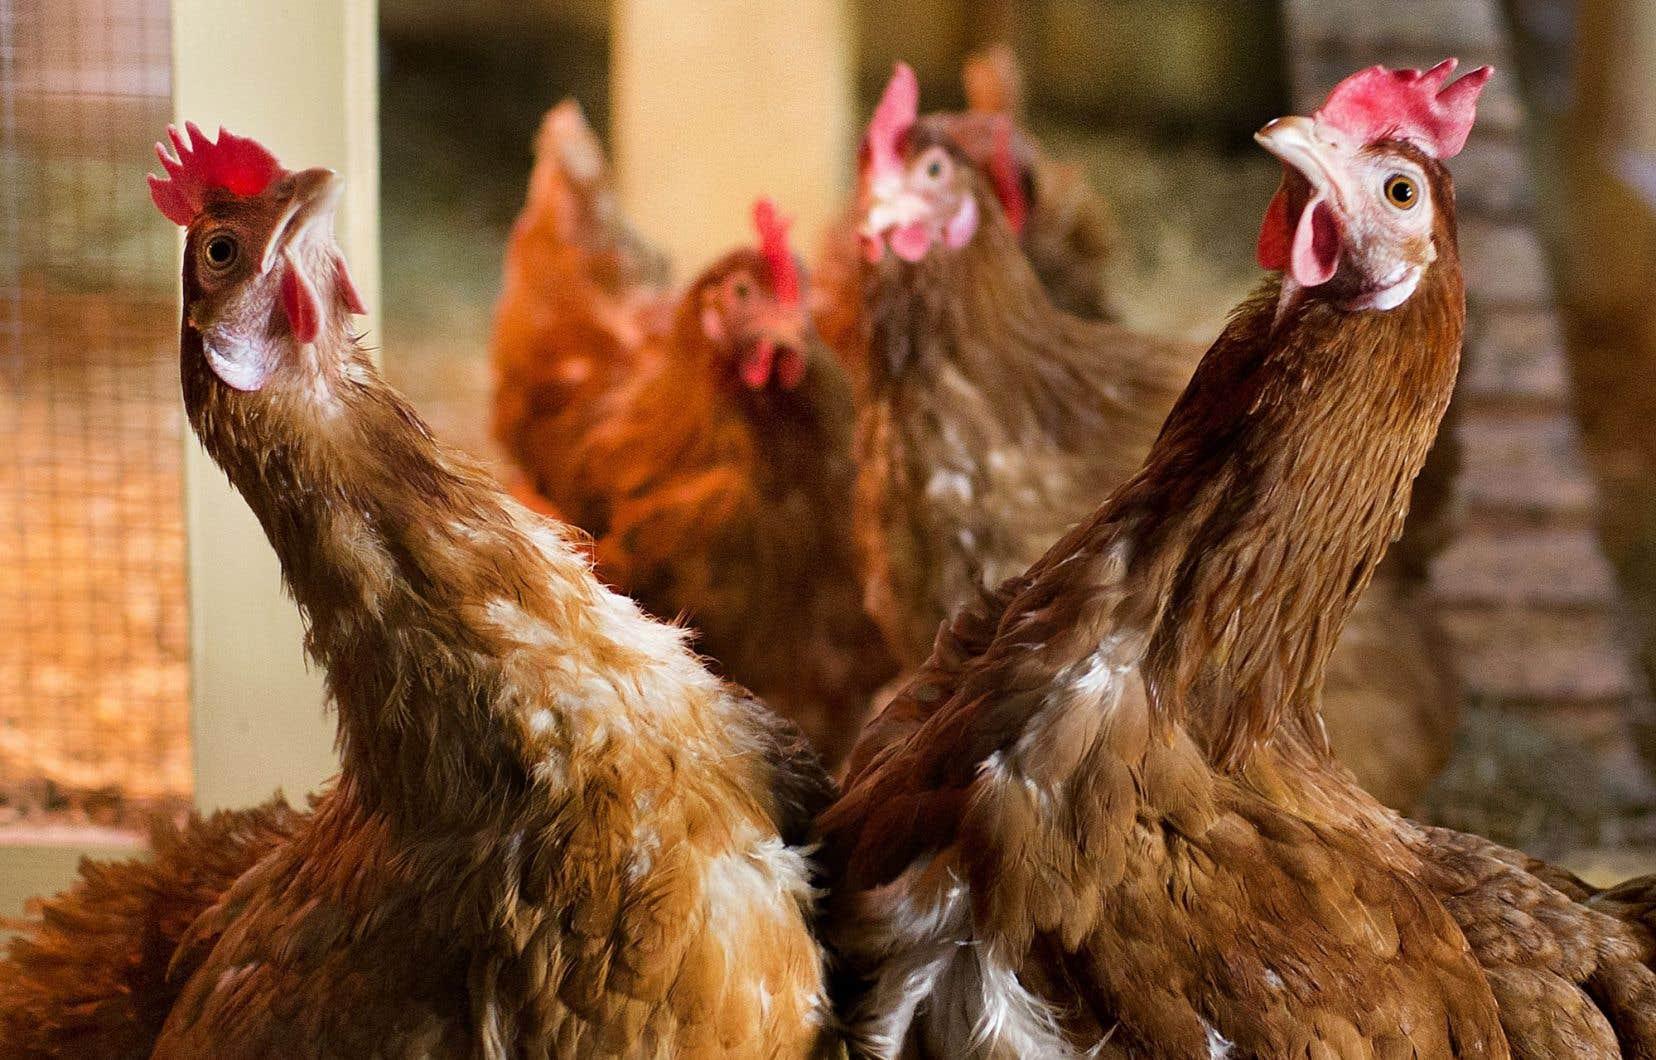 Malgré la multiplication des citadins qui gardent quelques poules, la volaille en ville est toujours illégale.